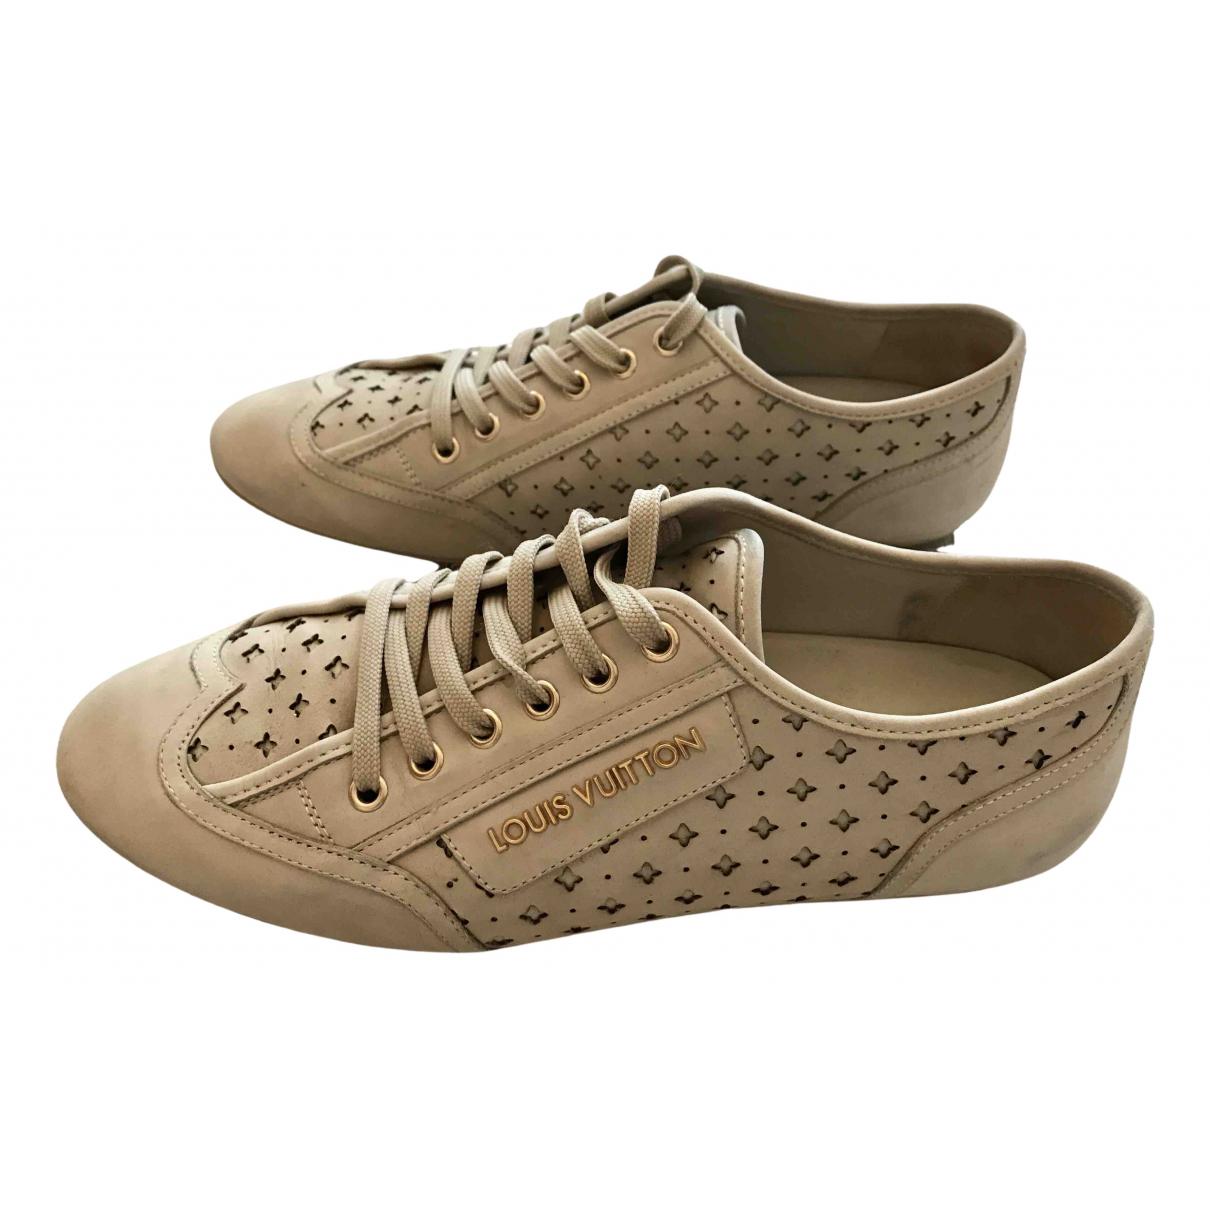 Louis Vuitton N Ecru Leather Trainers for Women 38 EU